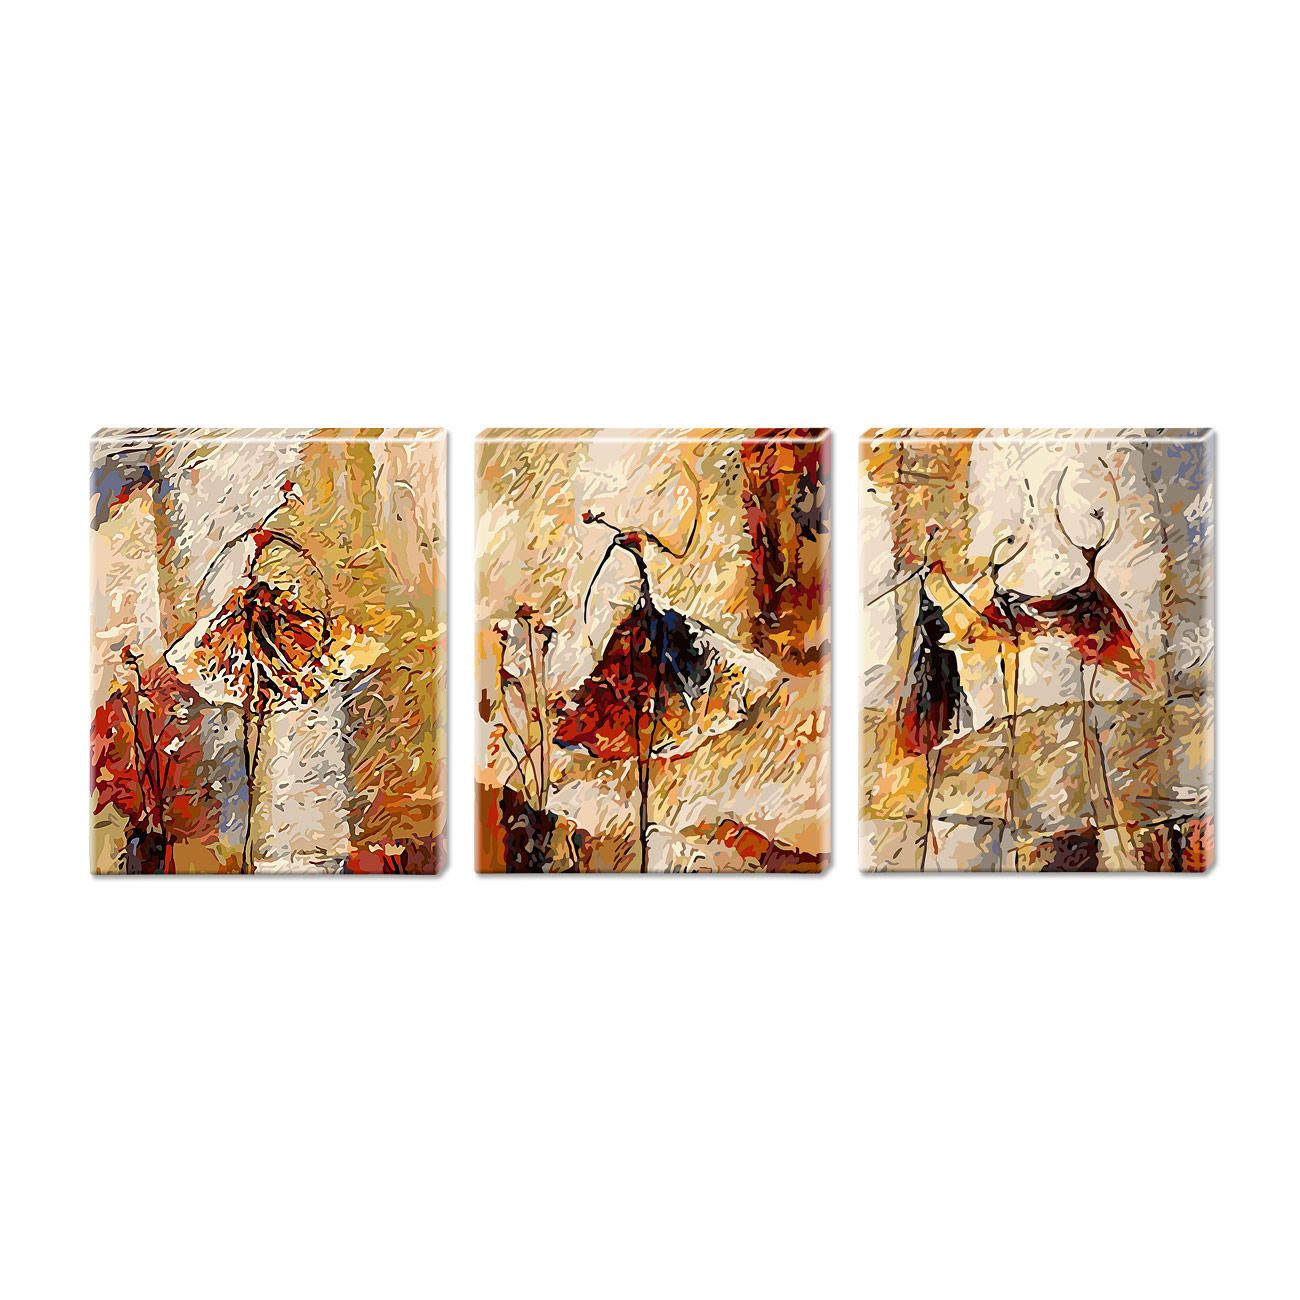 malen nach zahlen triptychon abstract woman strickanleitungen moderne abstrakte bilder stillleben kunst modern